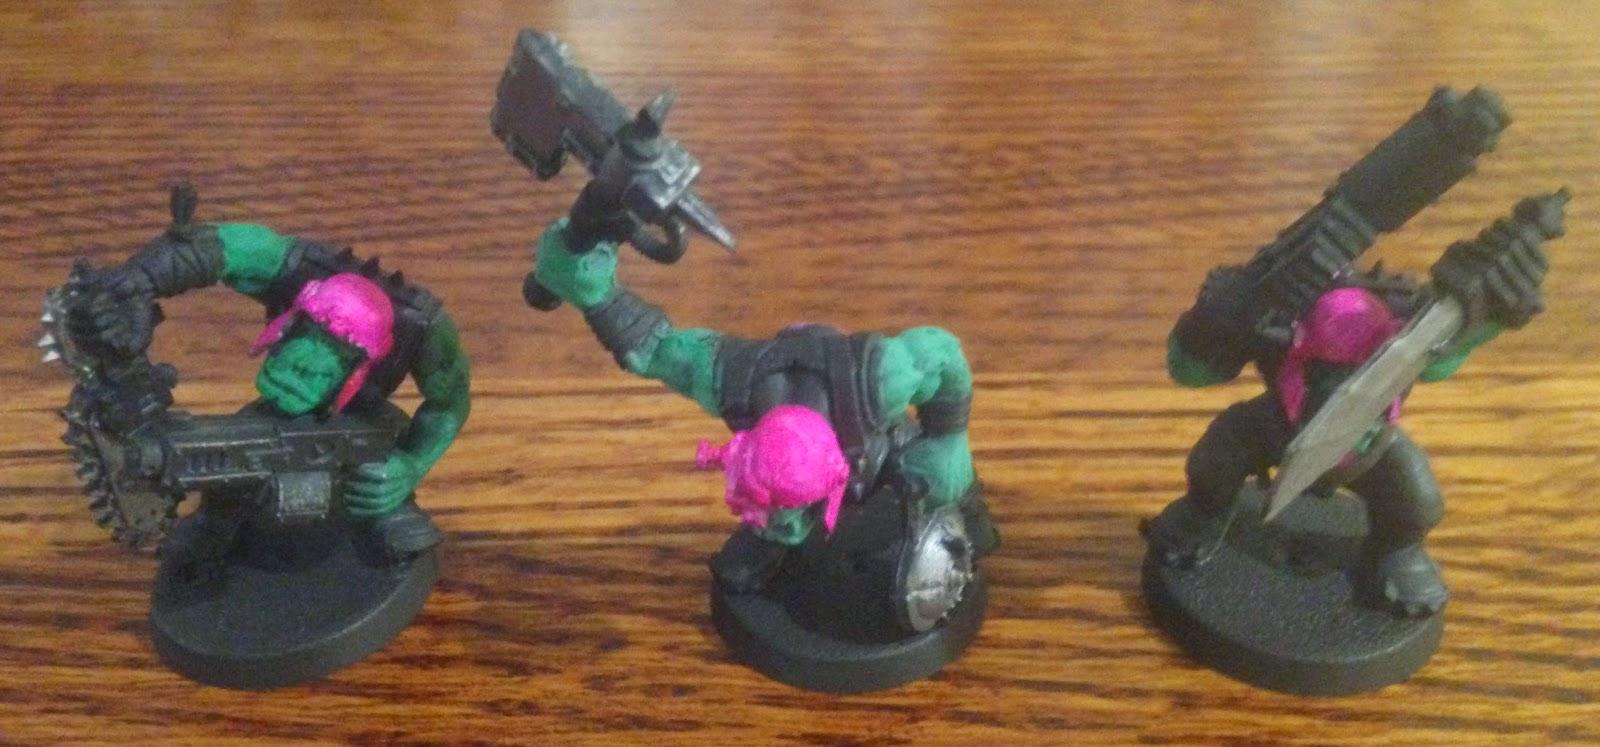 Warhammer 40K orkys pink orks reversed arms